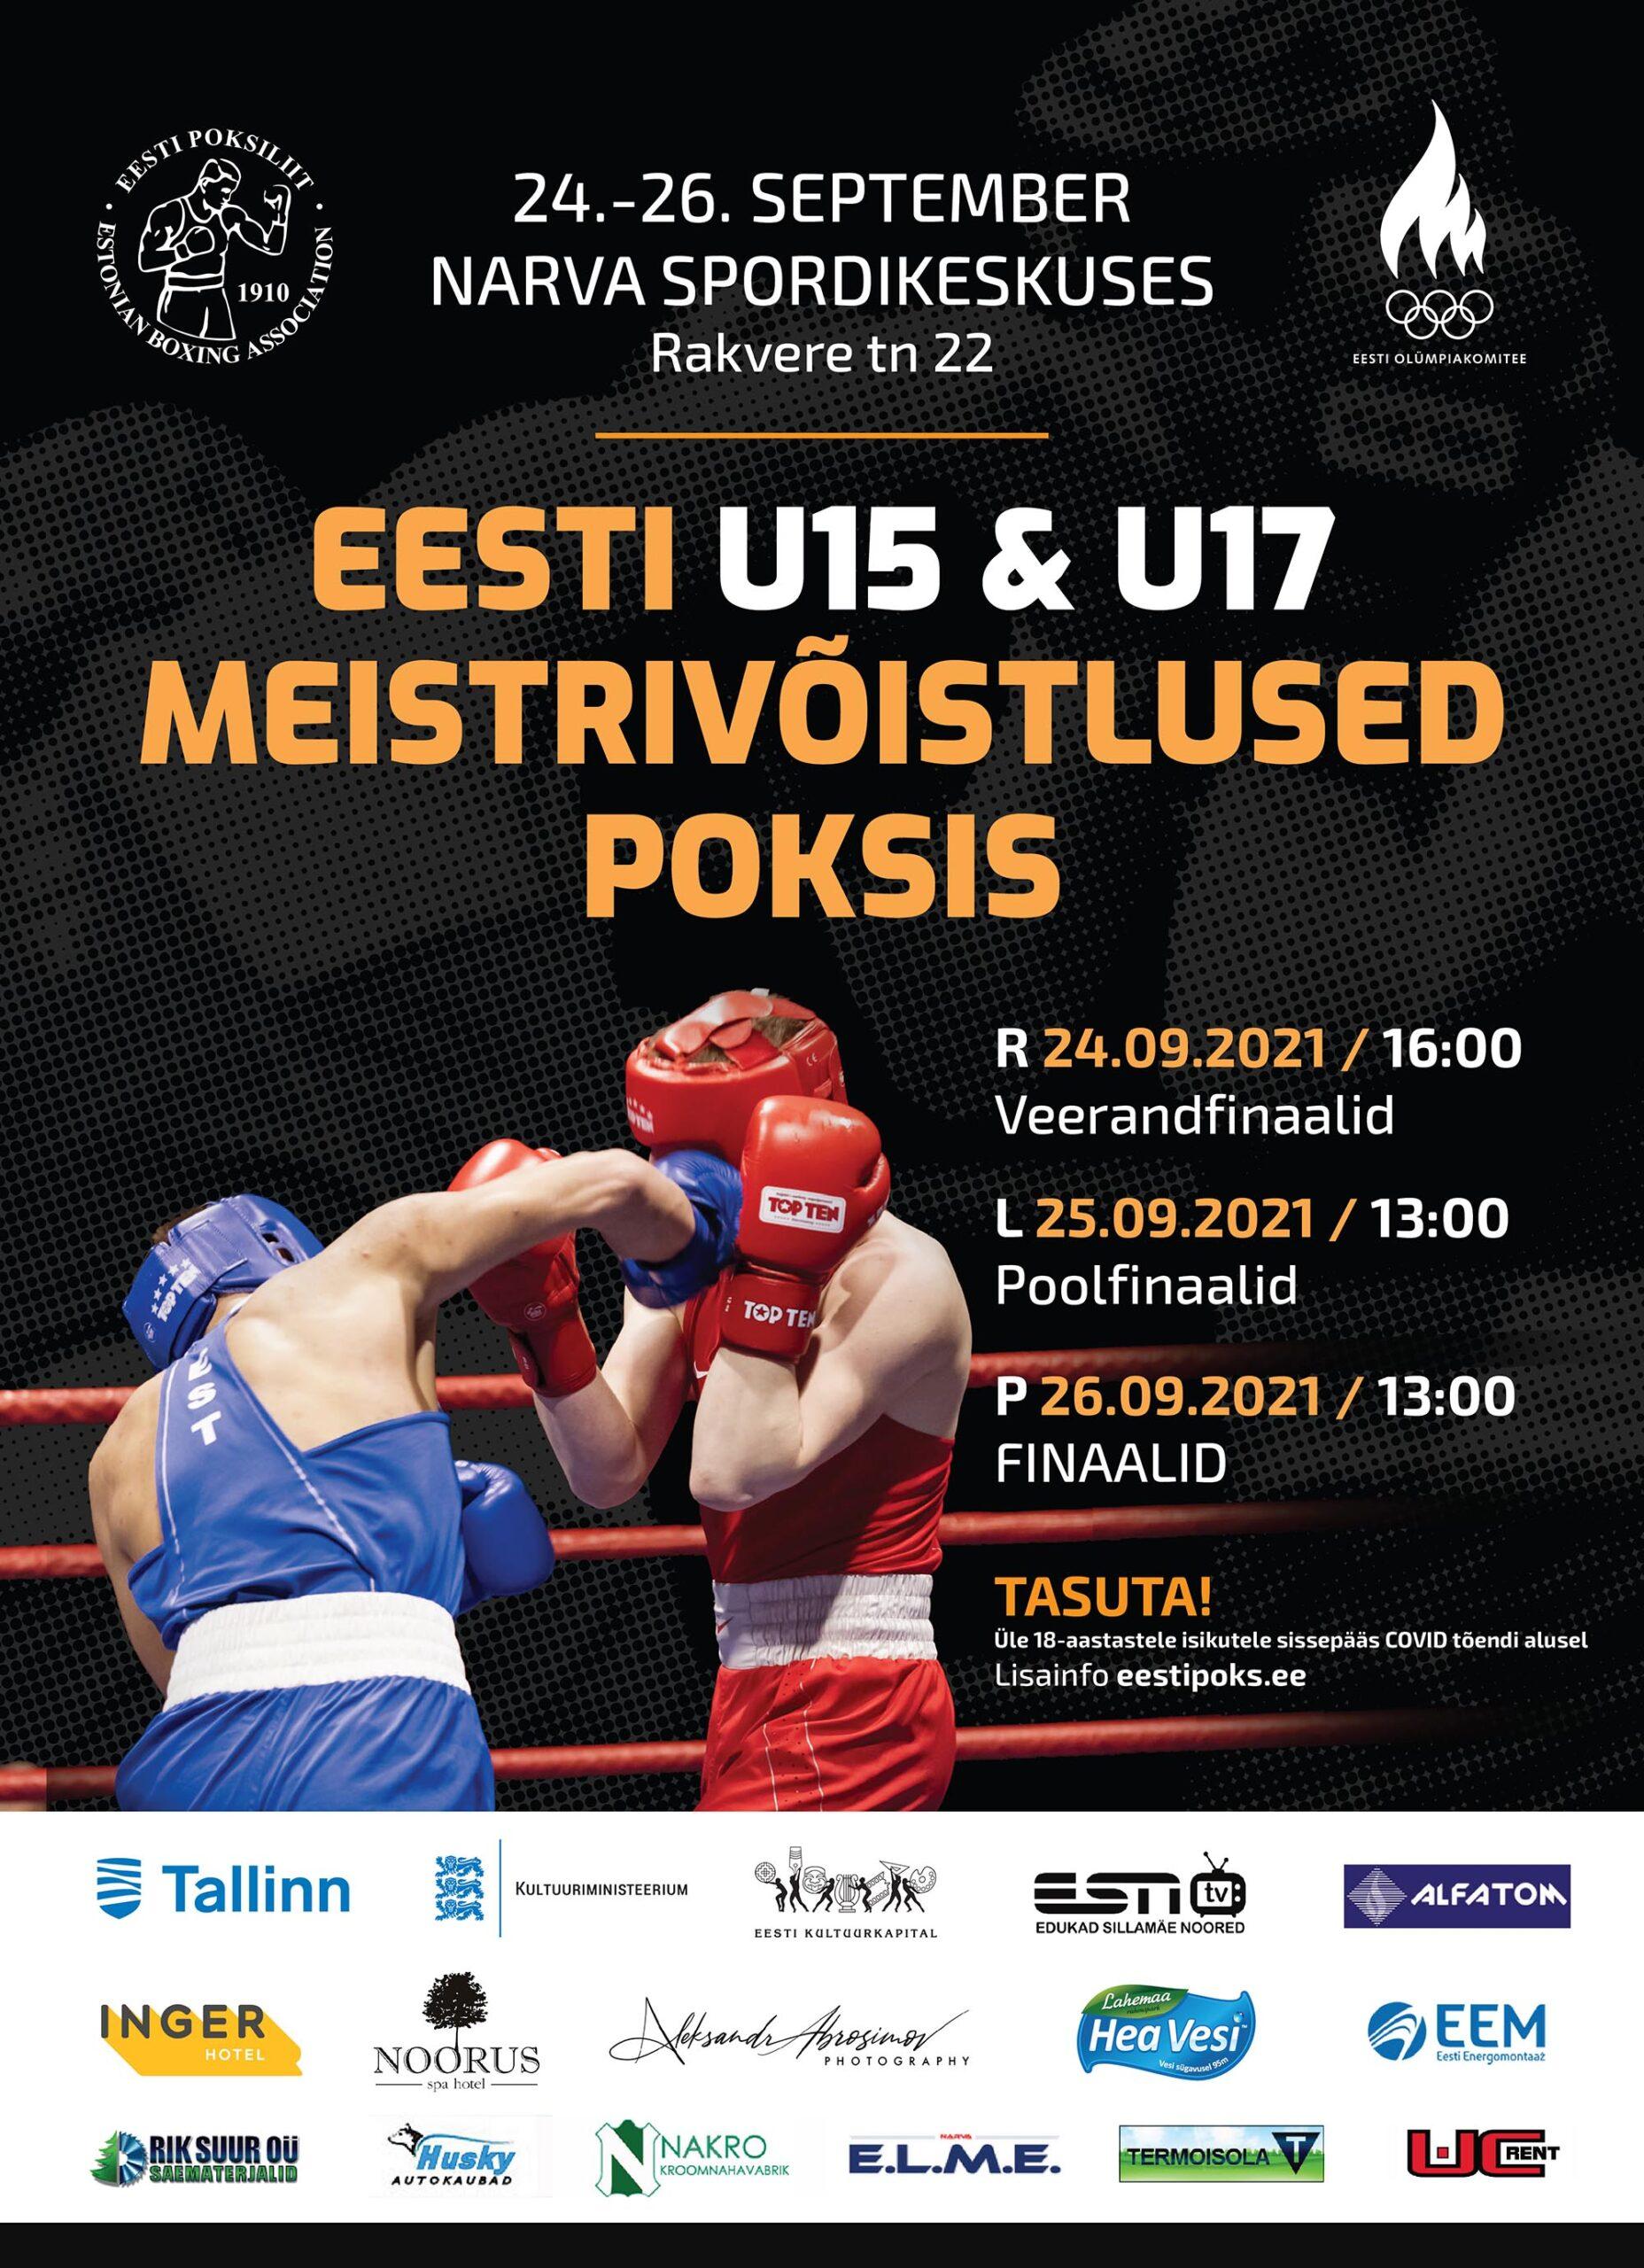 U15&U17 EMV